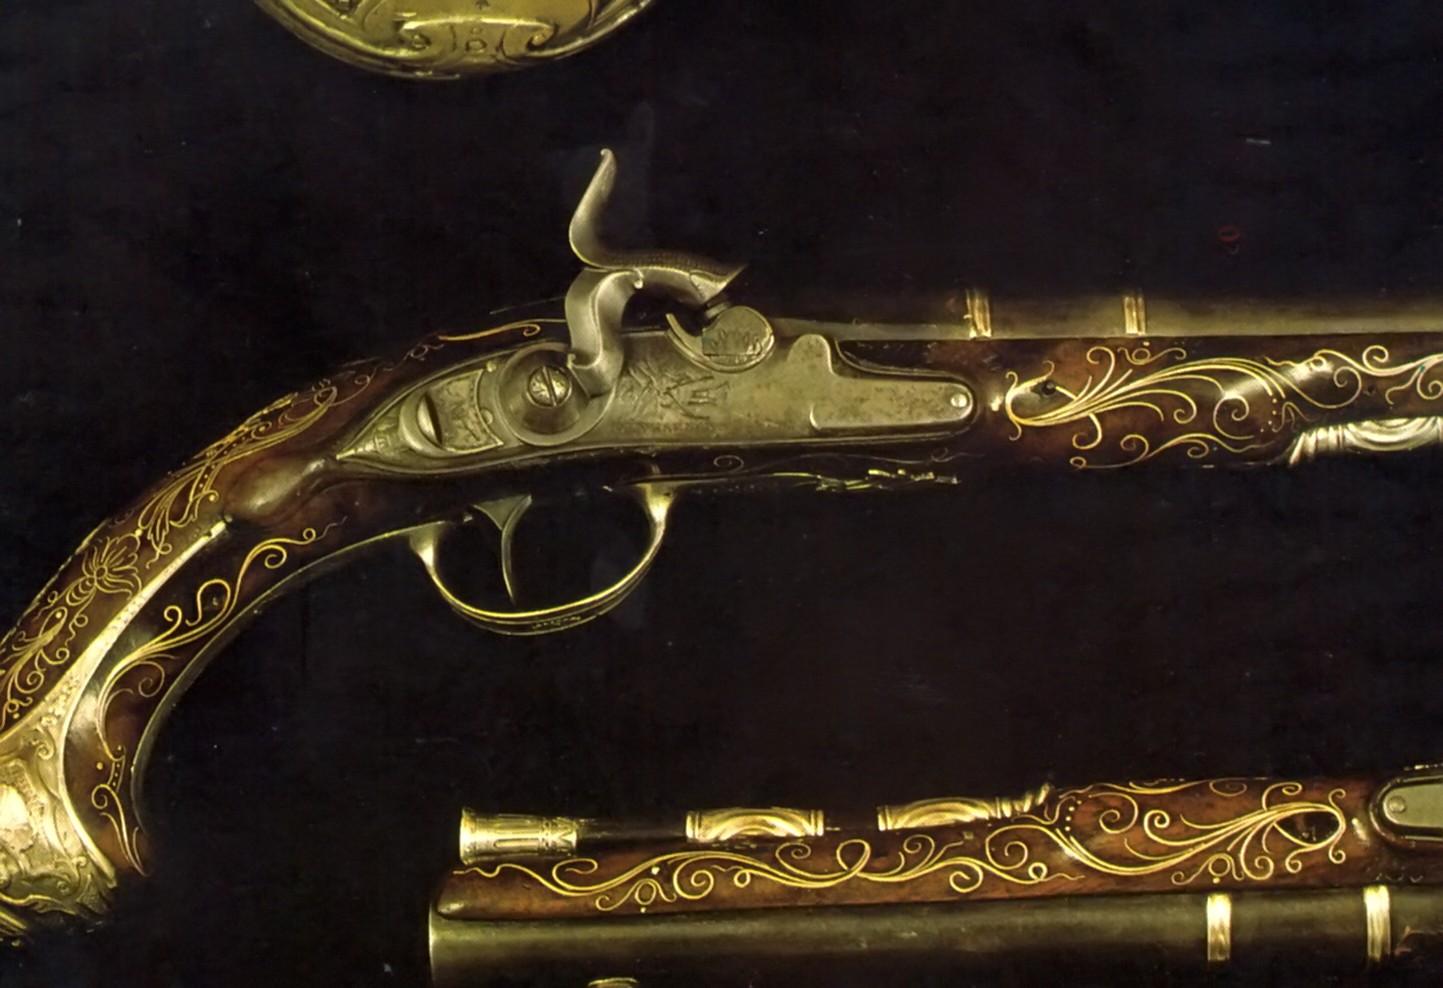 Sistemas de ignio em armas de fogo armas on line system6 fandeluxe Image collections